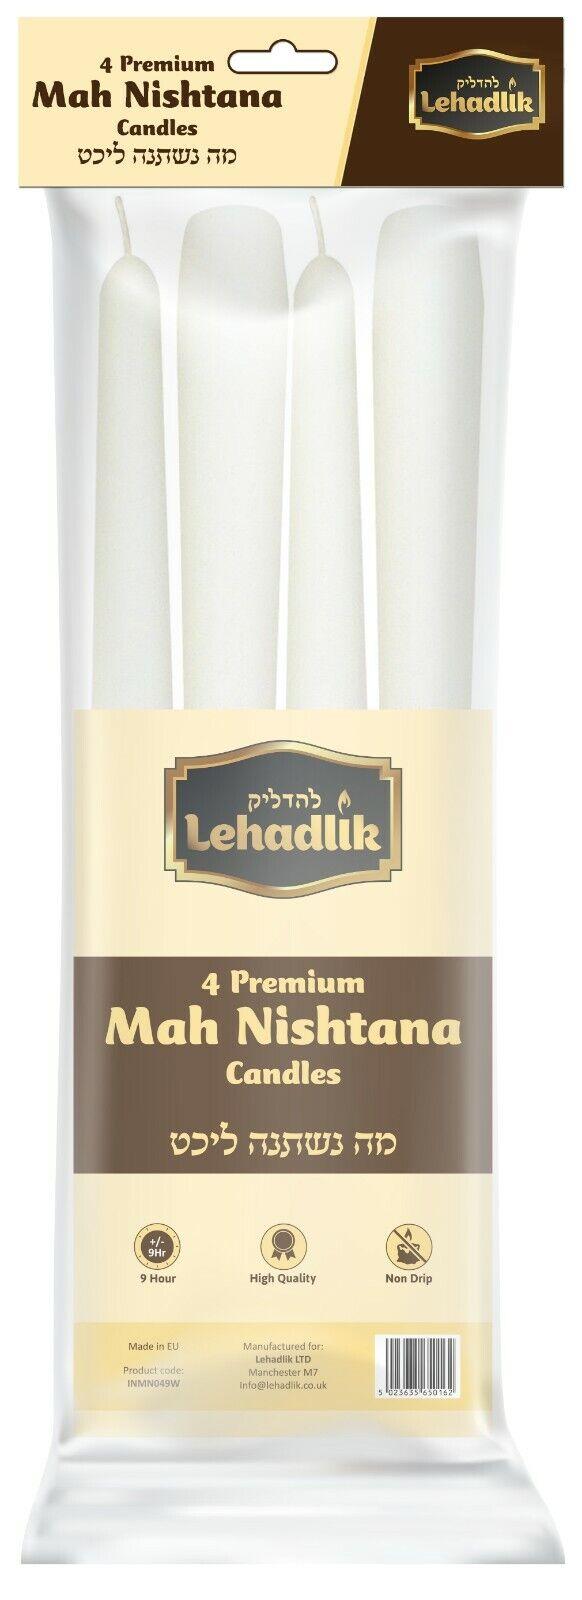 Lehadlik White Passover Pesach Seder Large Mah Nishtana Candles 8-9 Hr - 4 Pack